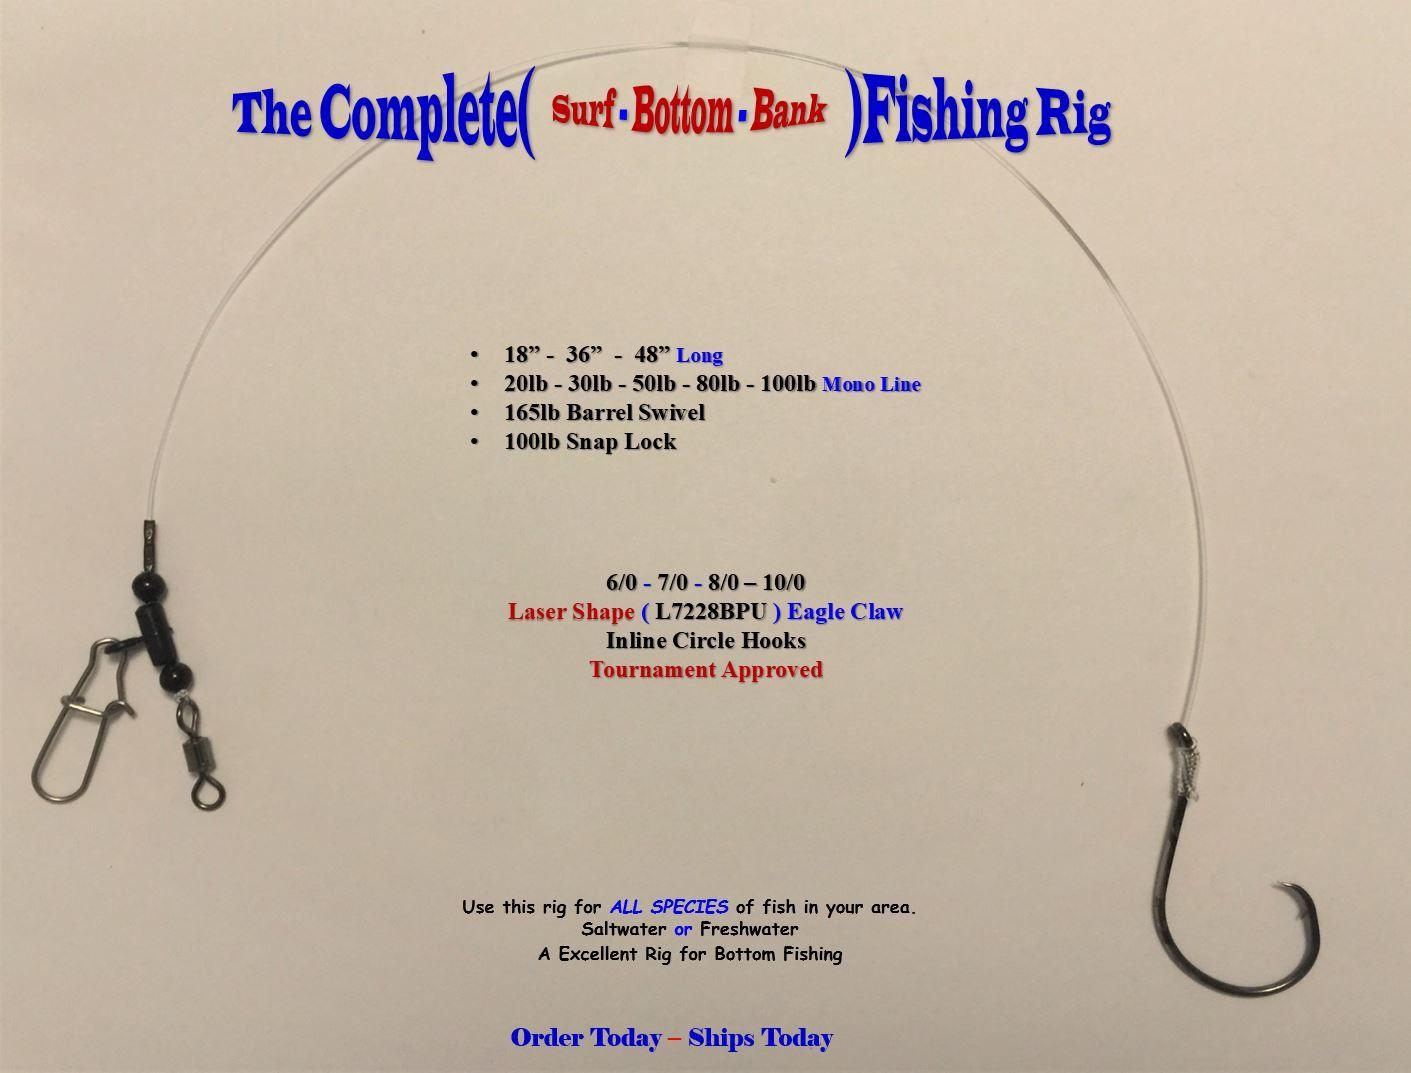 Pin By David Moore On Balikcilik Fishing Rigs Fishing Tips Bass Fishing Tips